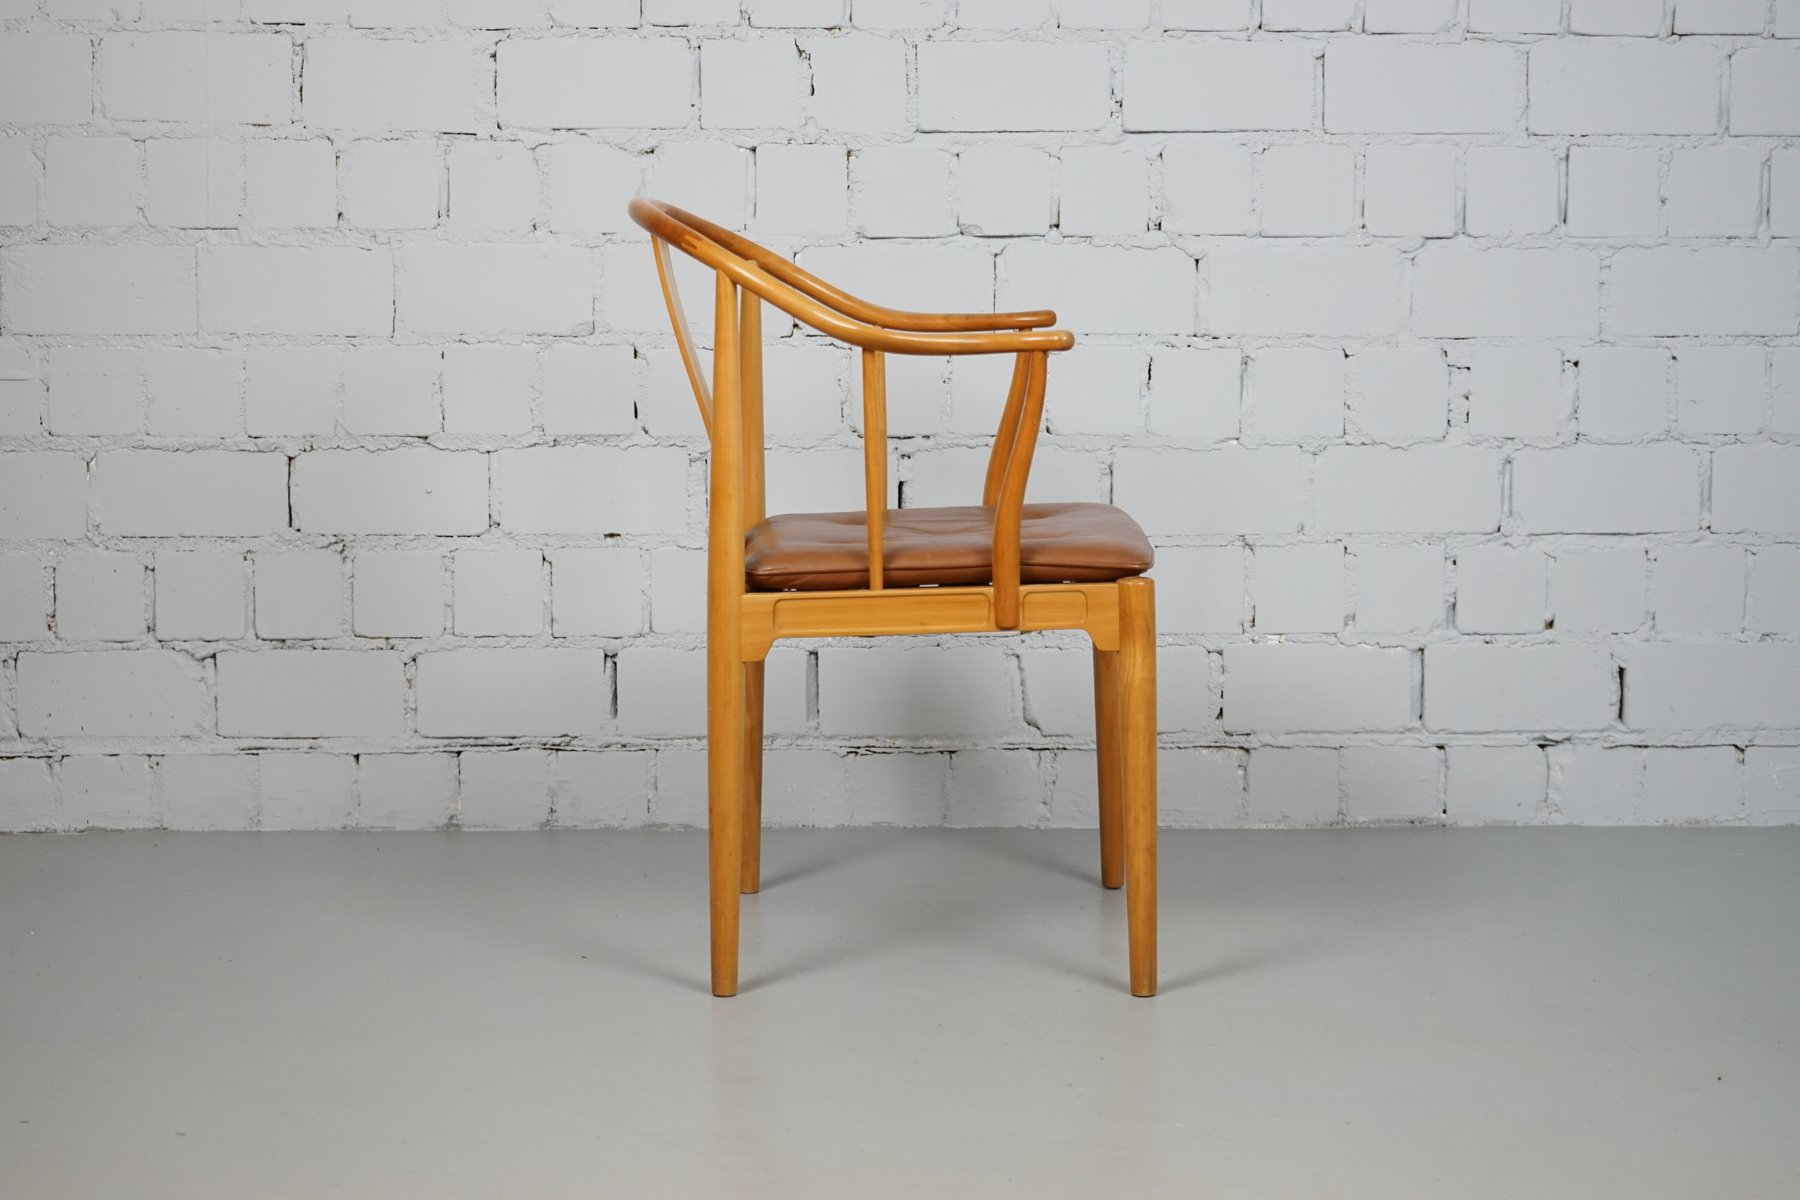 fh 4283 china stuhl von hans j wegner f r fritz hansen 1967 bei pamono kaufen. Black Bedroom Furniture Sets. Home Design Ideas